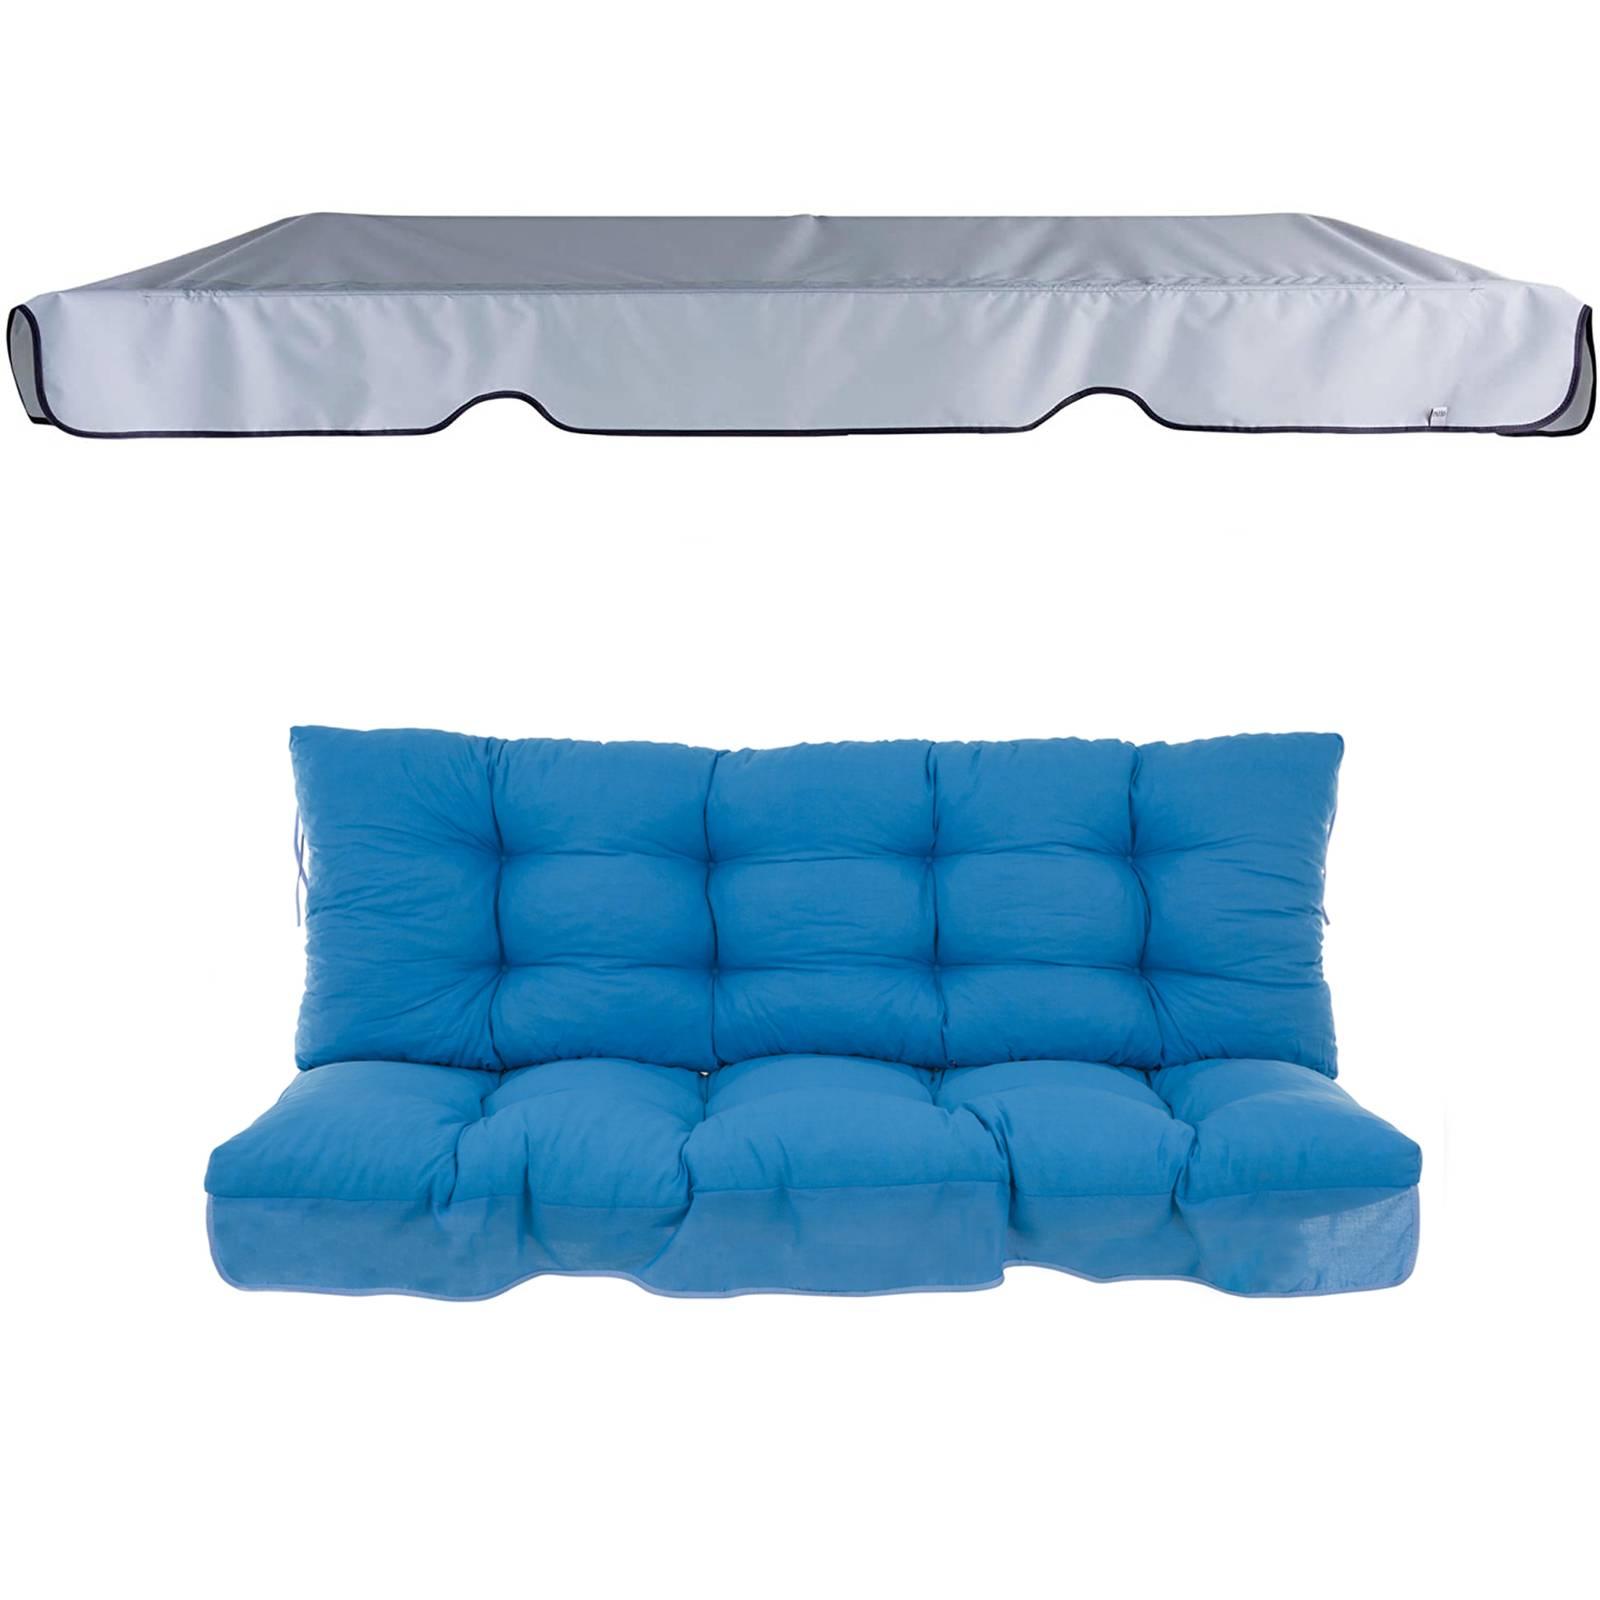 Poduszki z daszkiem na huśtawkę 150 cm Piemont D001-11BB PATIO